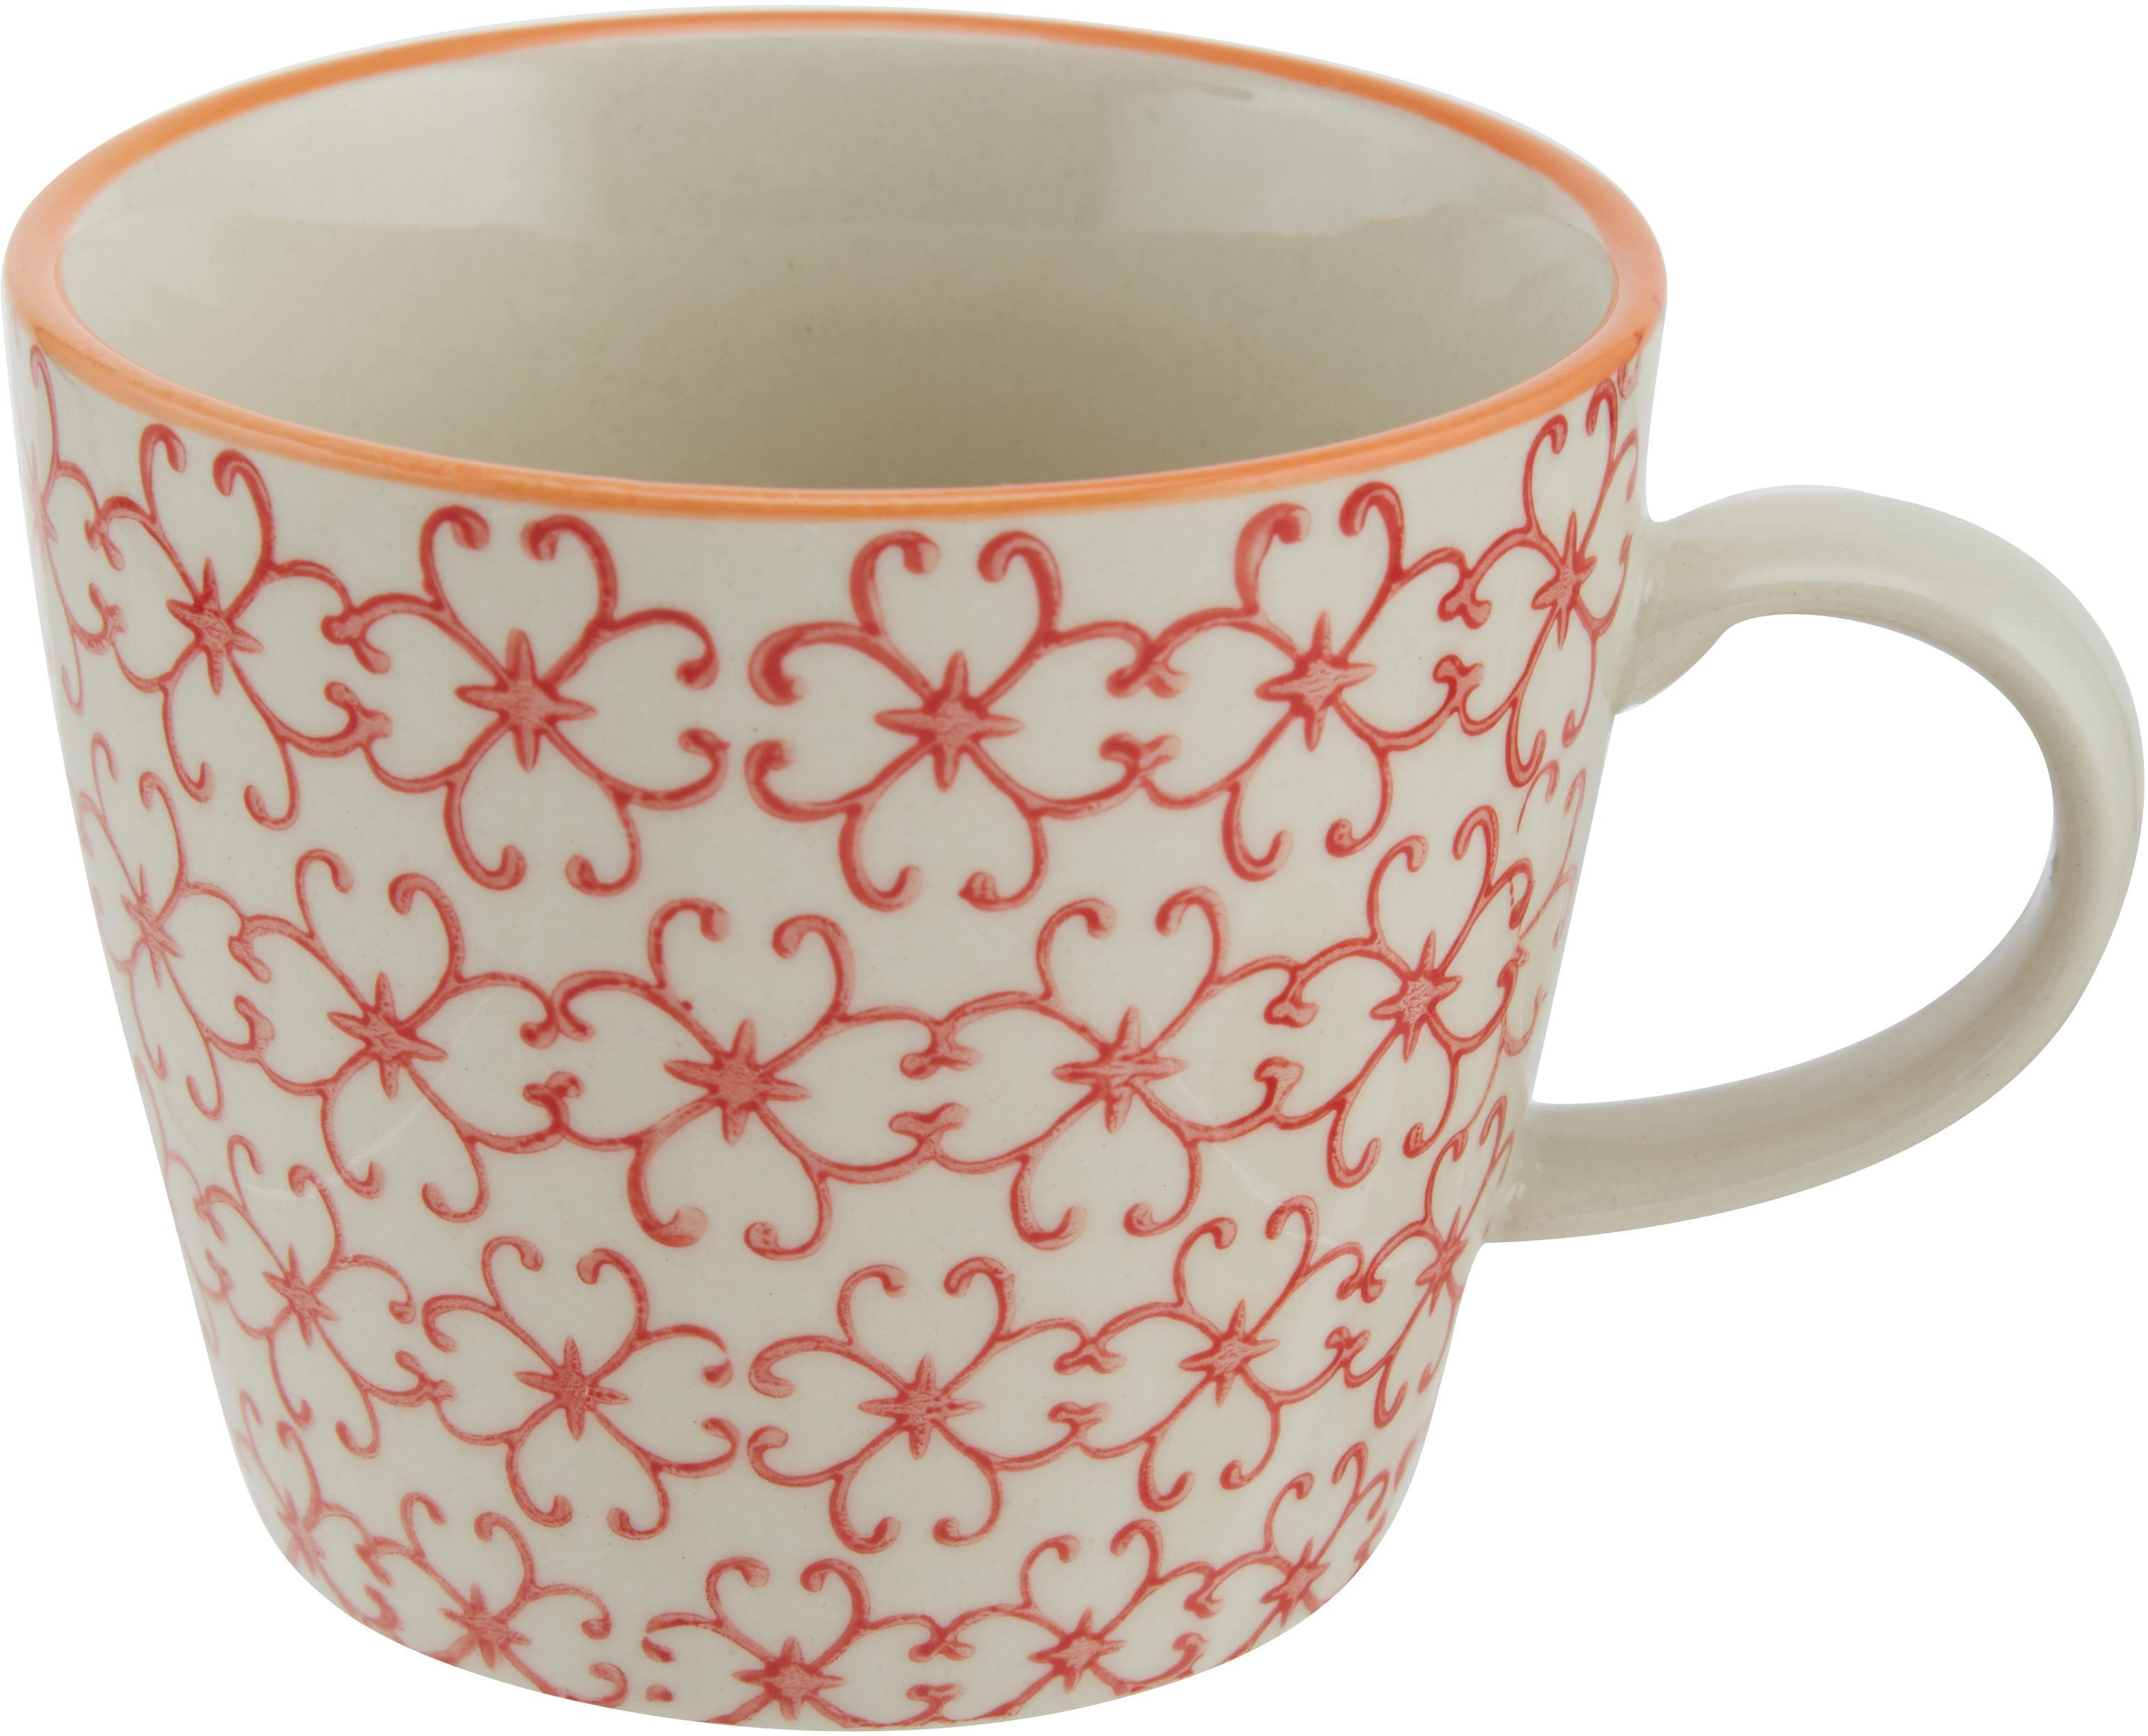 Service de tasses Carla, 4pièces, Blanc, noir, jaune, rouge, orange